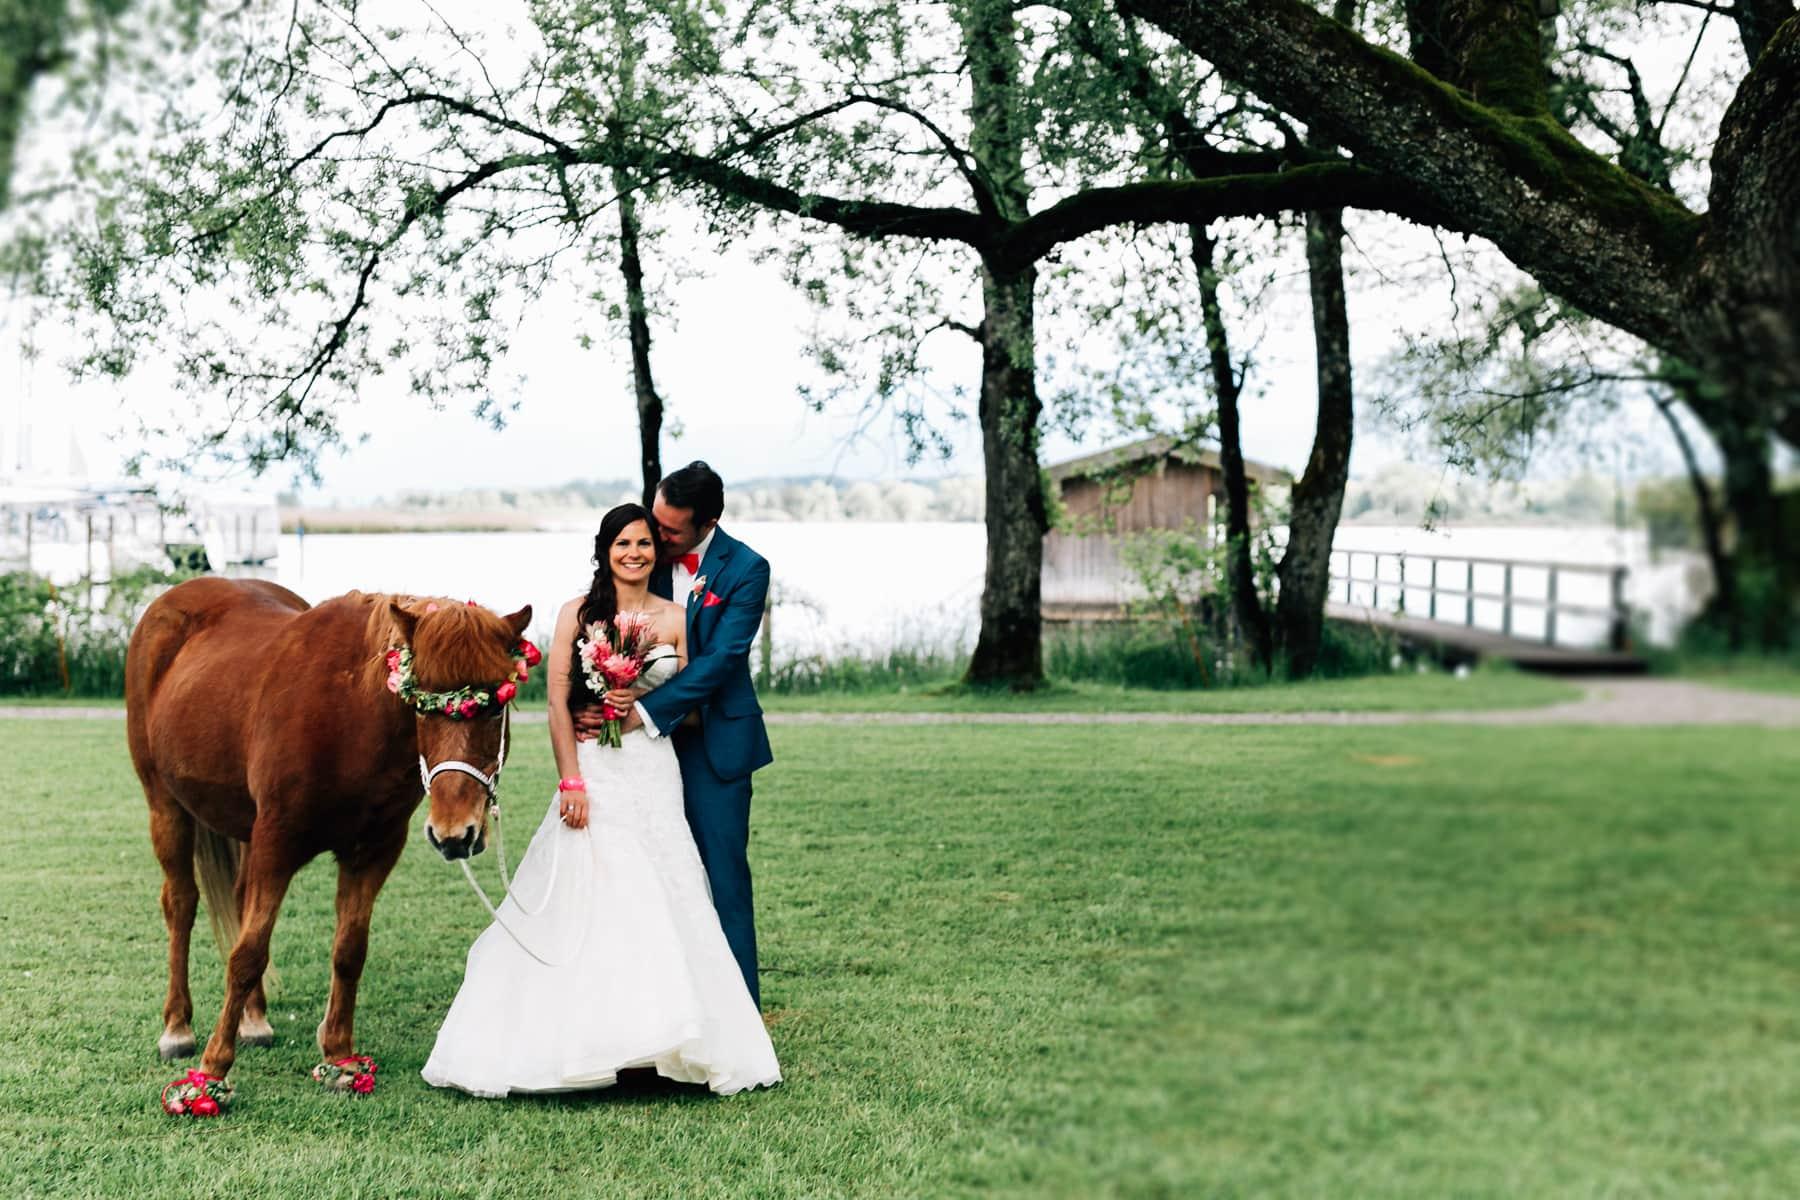 Hochzeit | Chiemsee Aiterbach | Katharina & Flo